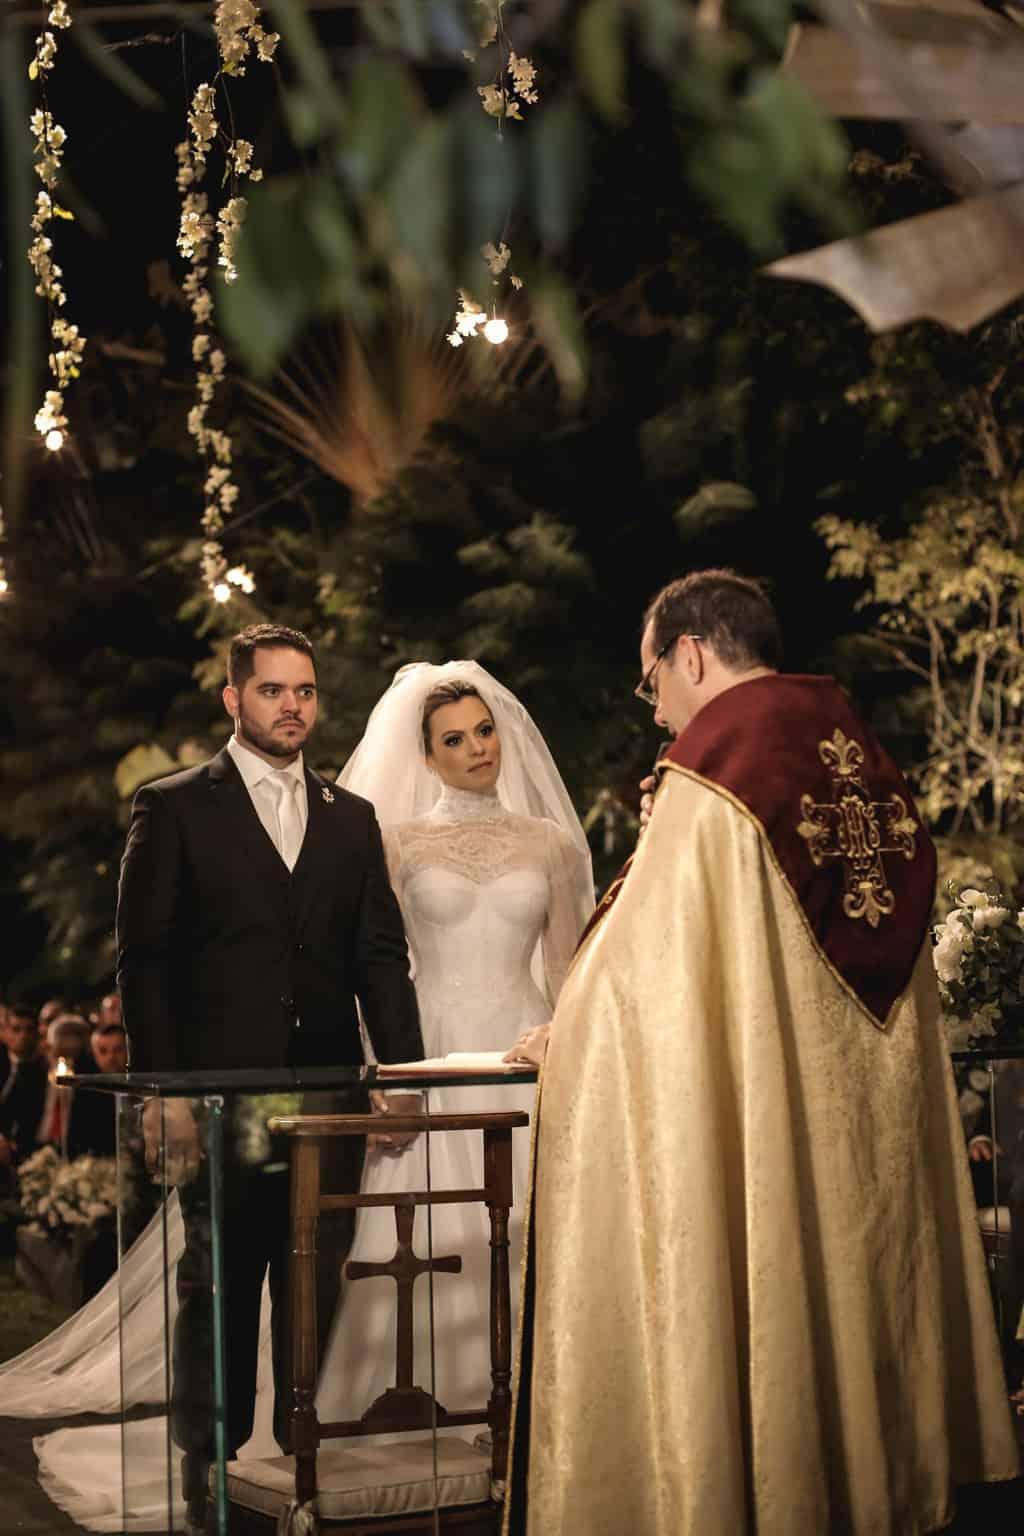 casamento-Juliana-e-Eduardo-cerimonia-Fotografia-Ricardo-Nascimento-e-Thereza-magno-Usina-dois-irmãos56